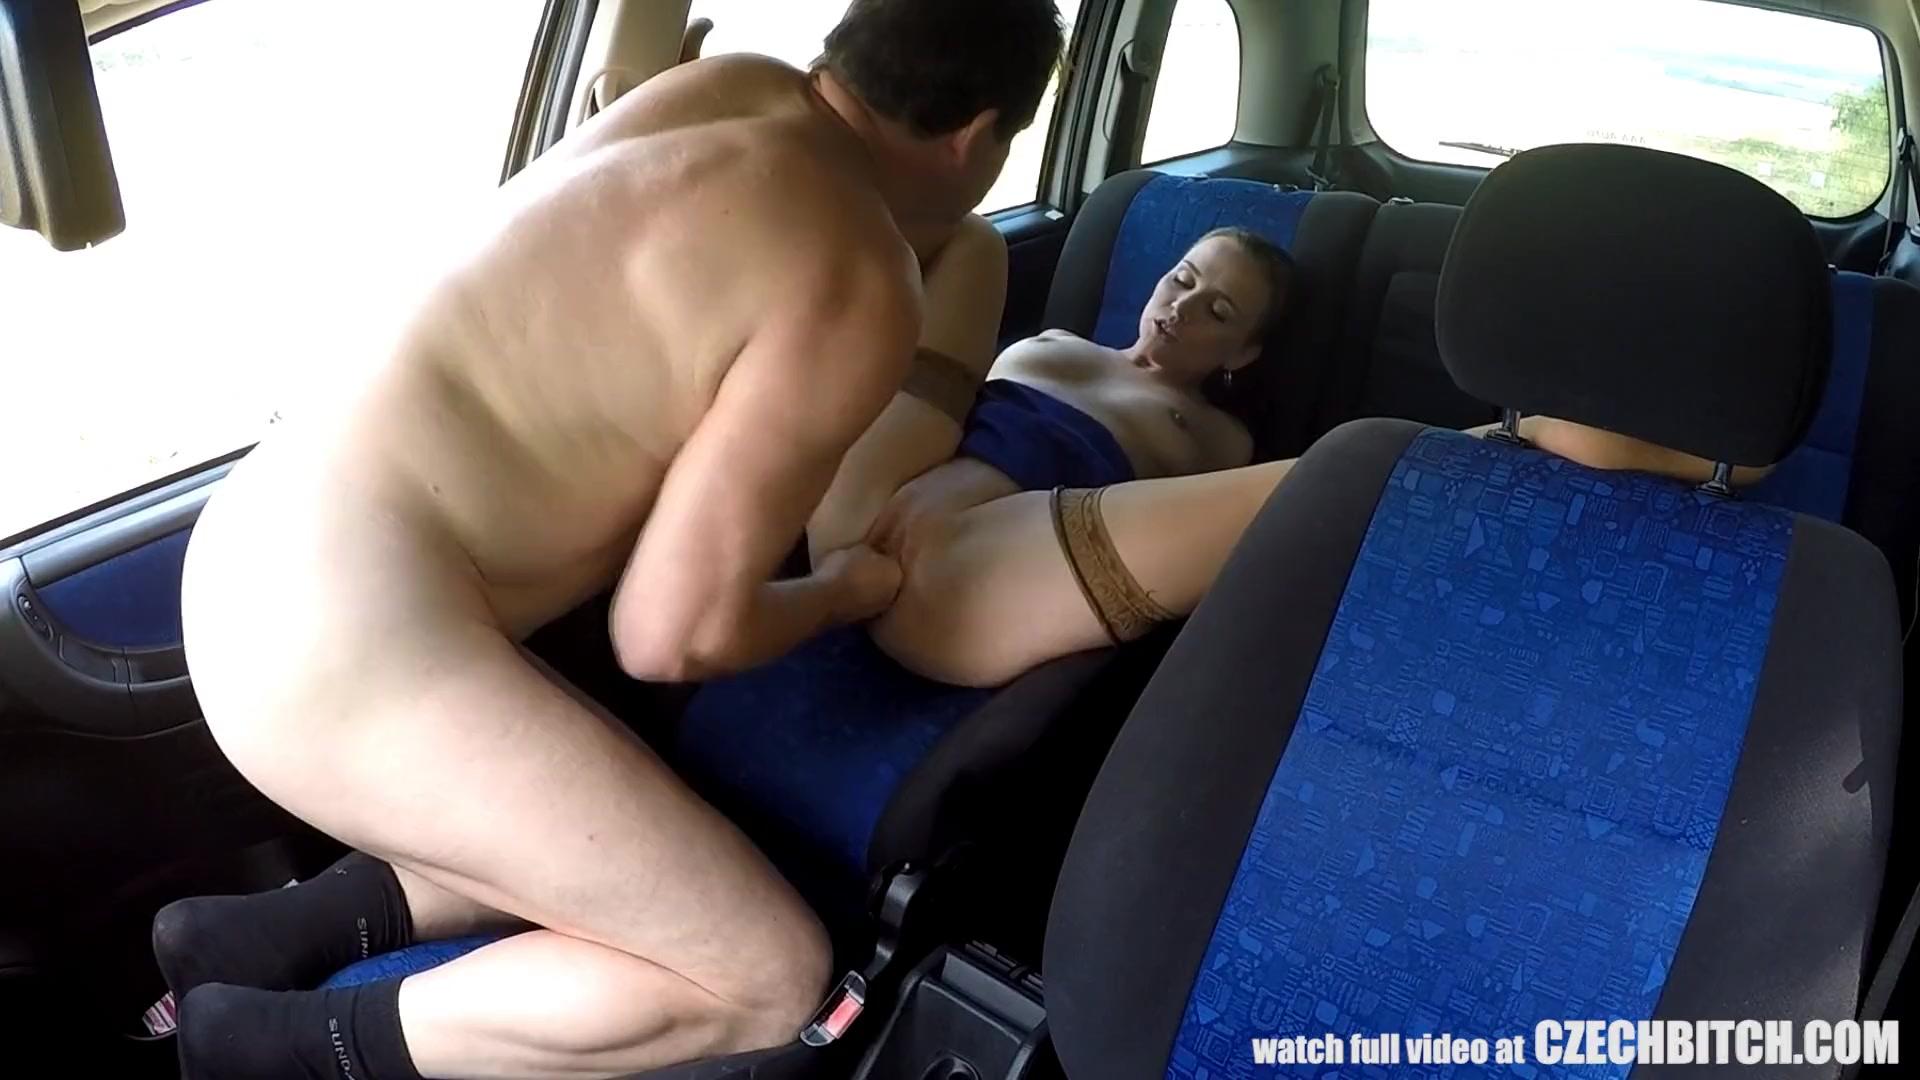 Секс на заднем сидении машины